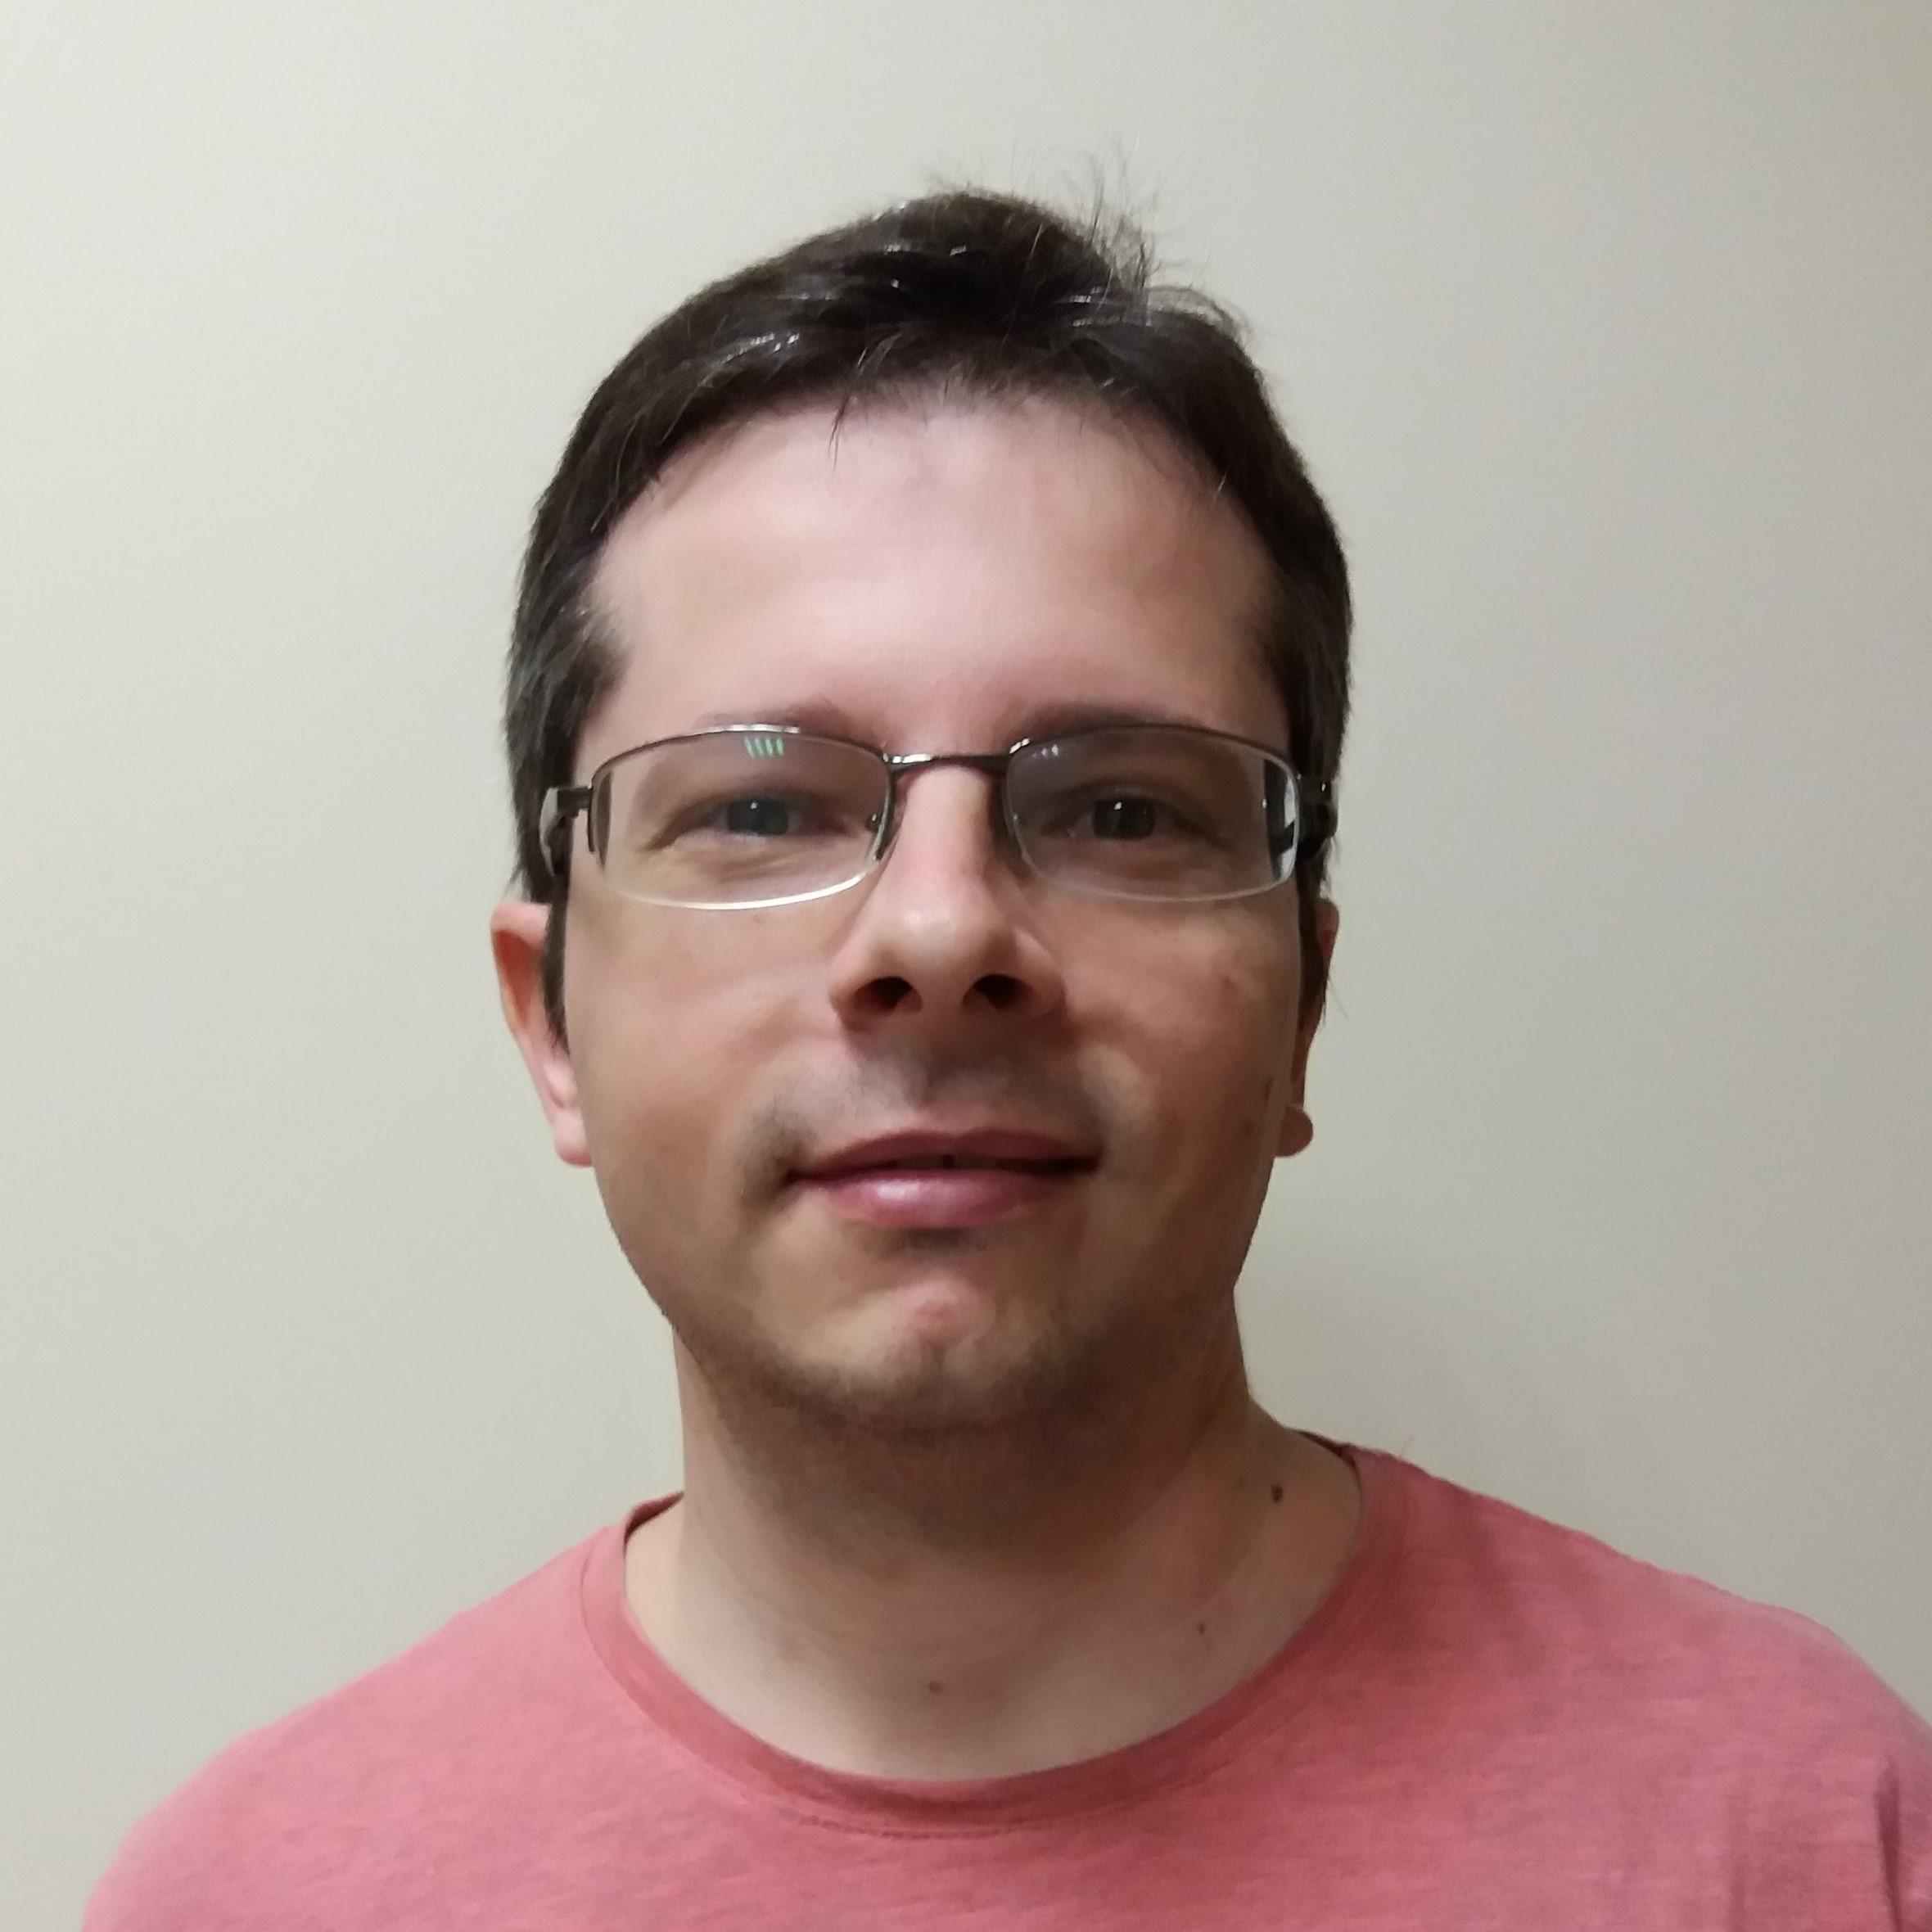 Adriano Bortoloto